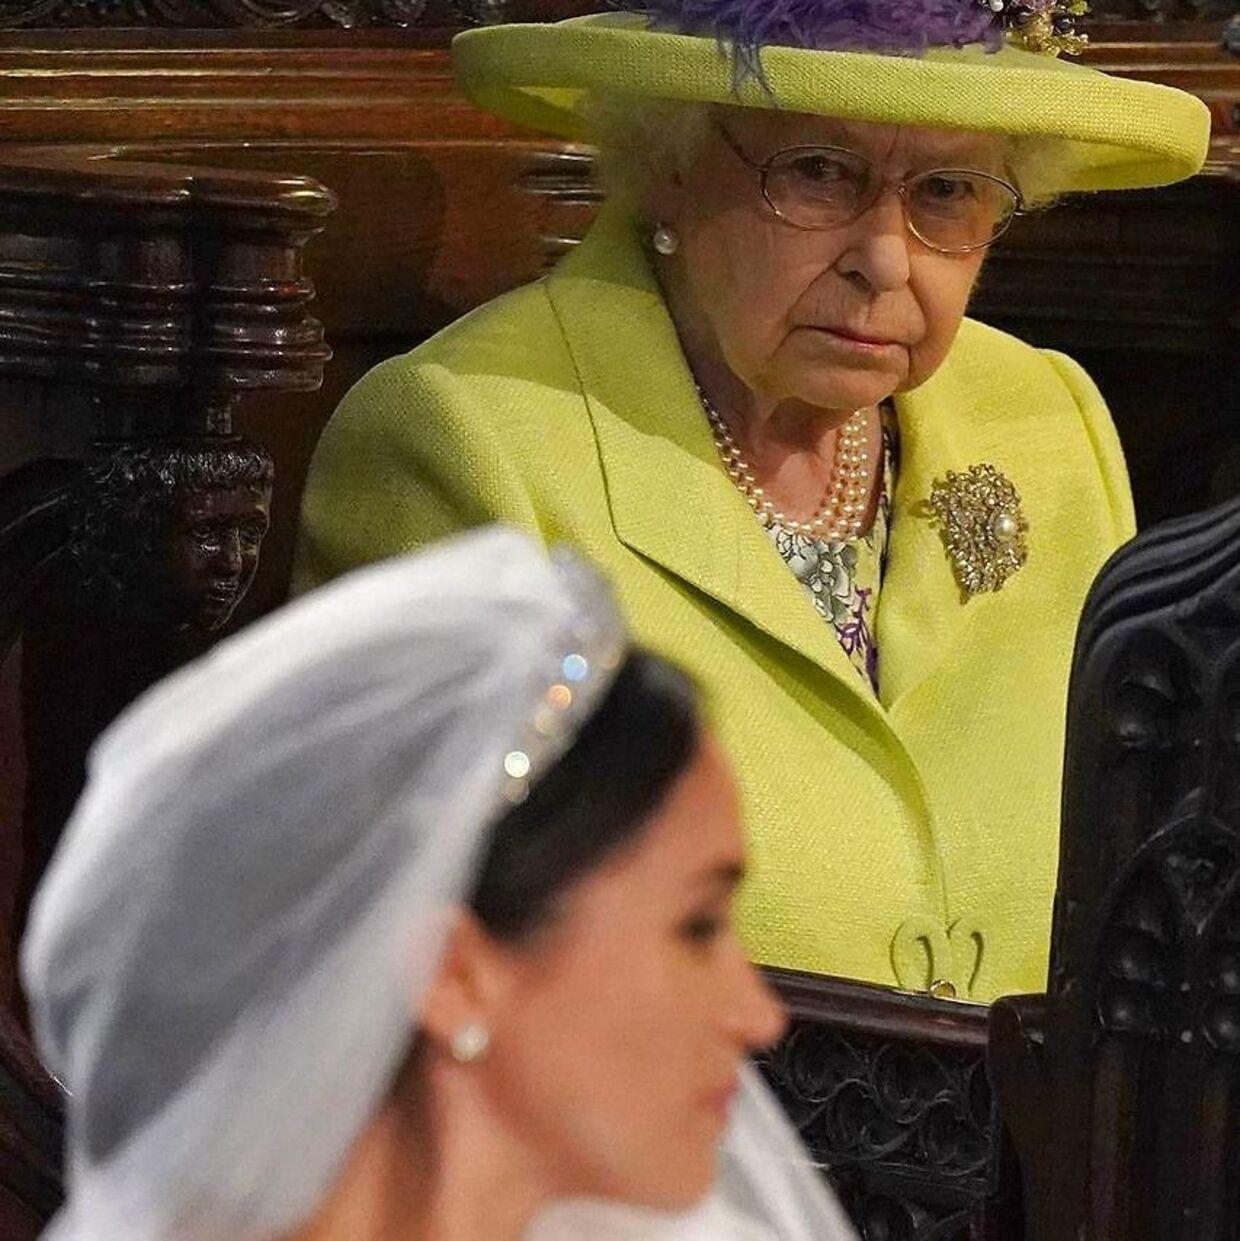 Angiveligt blev dronning Elizabeth så vred over hertuginde Meghans krav, at hun tog sig en snak med sit barnebarn, prins Harry.